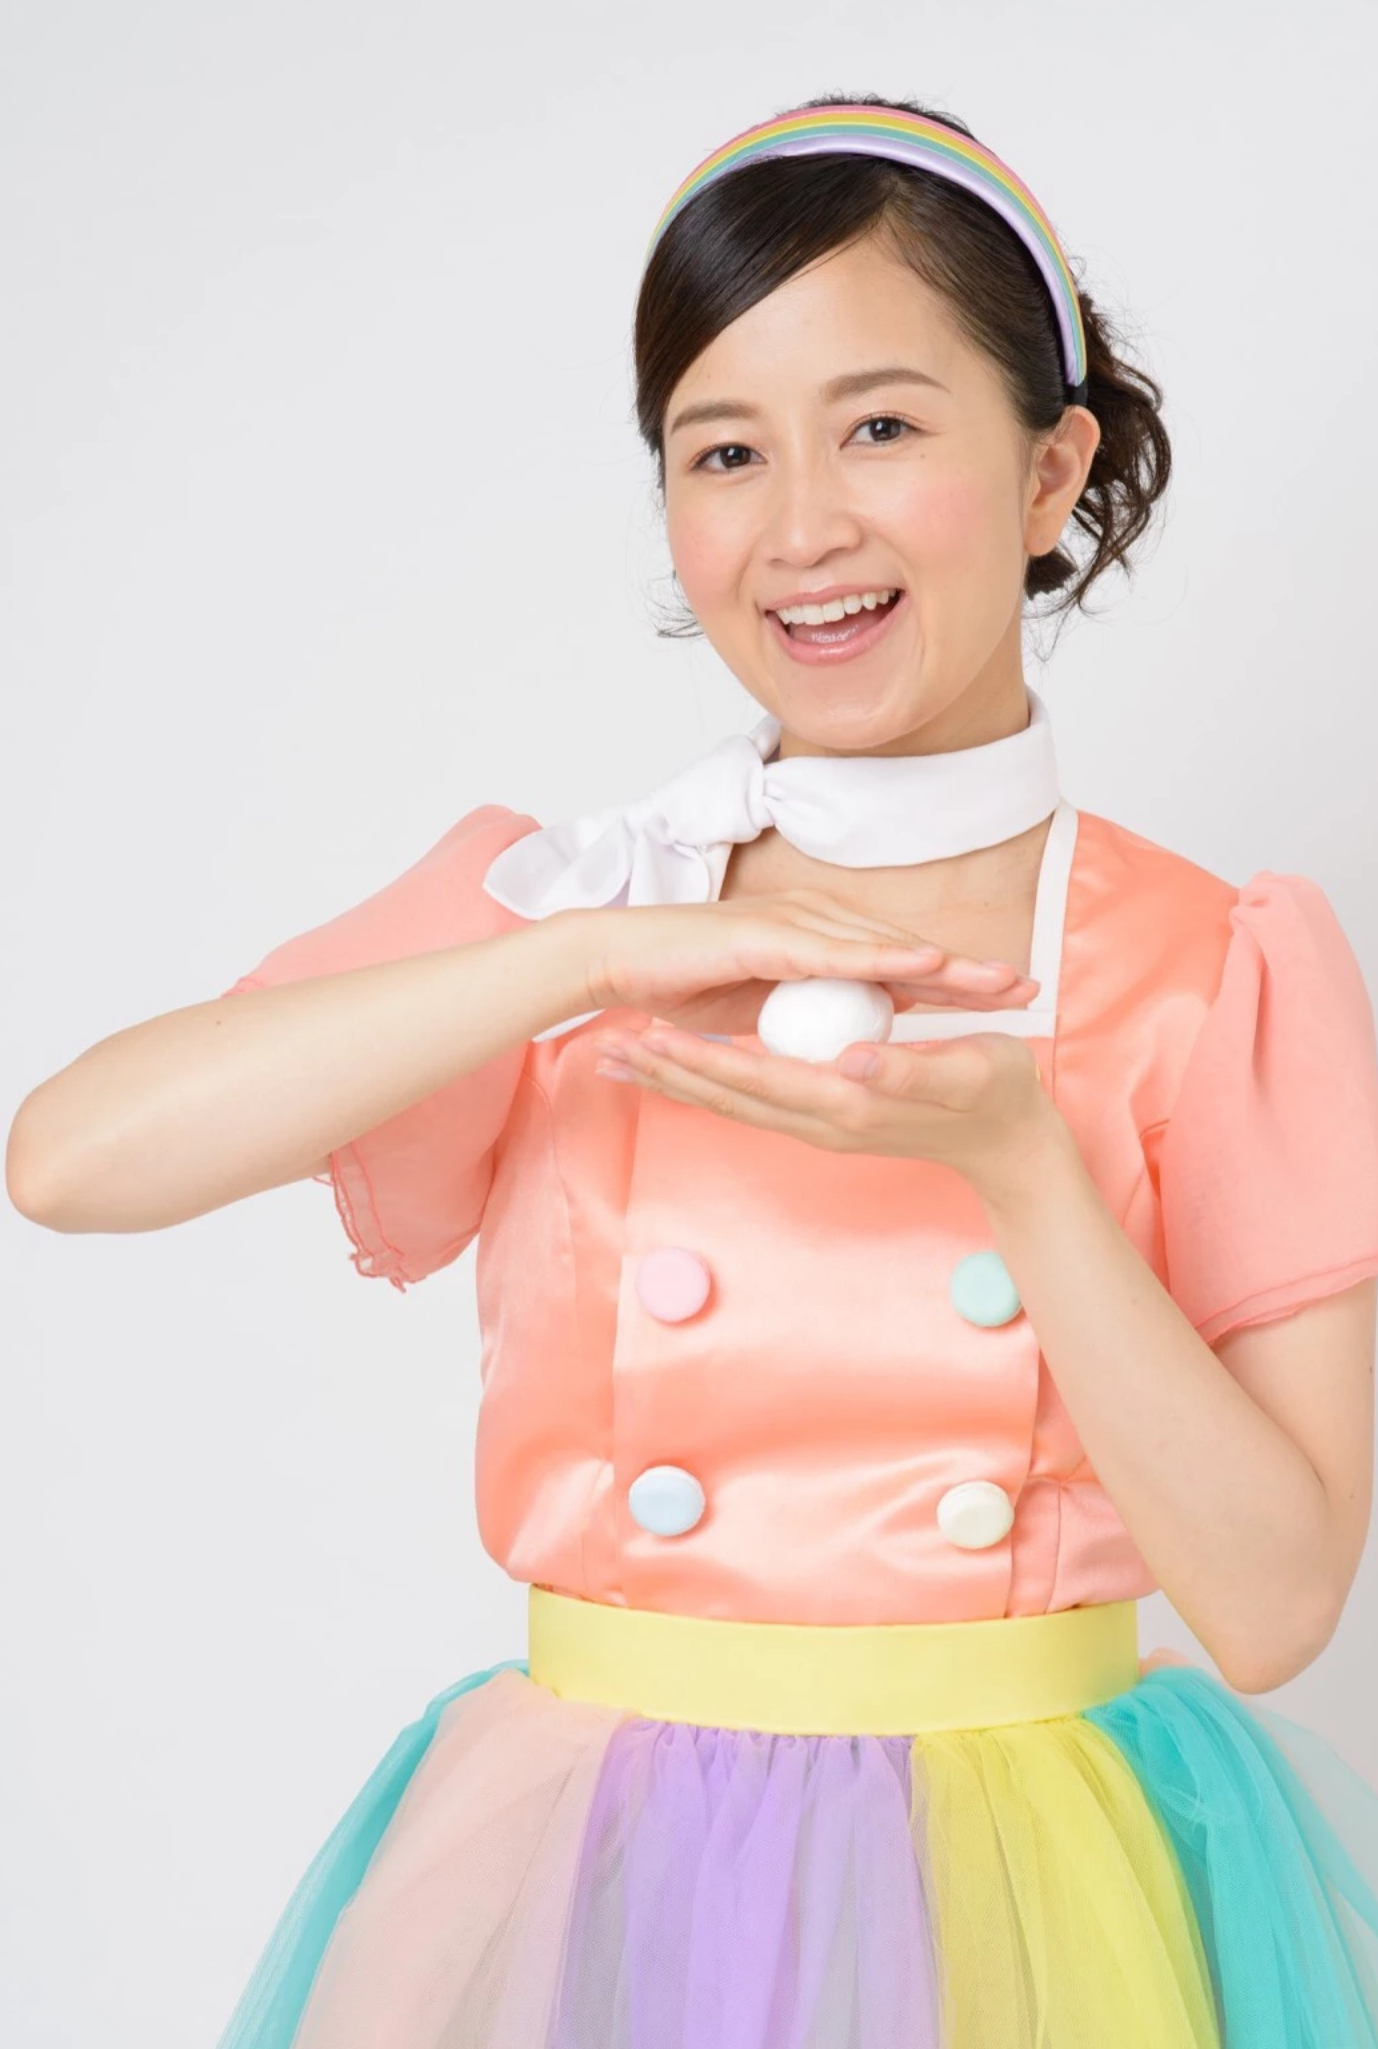 【開催中止】仙台 おねんどお姉さんのねんど教室